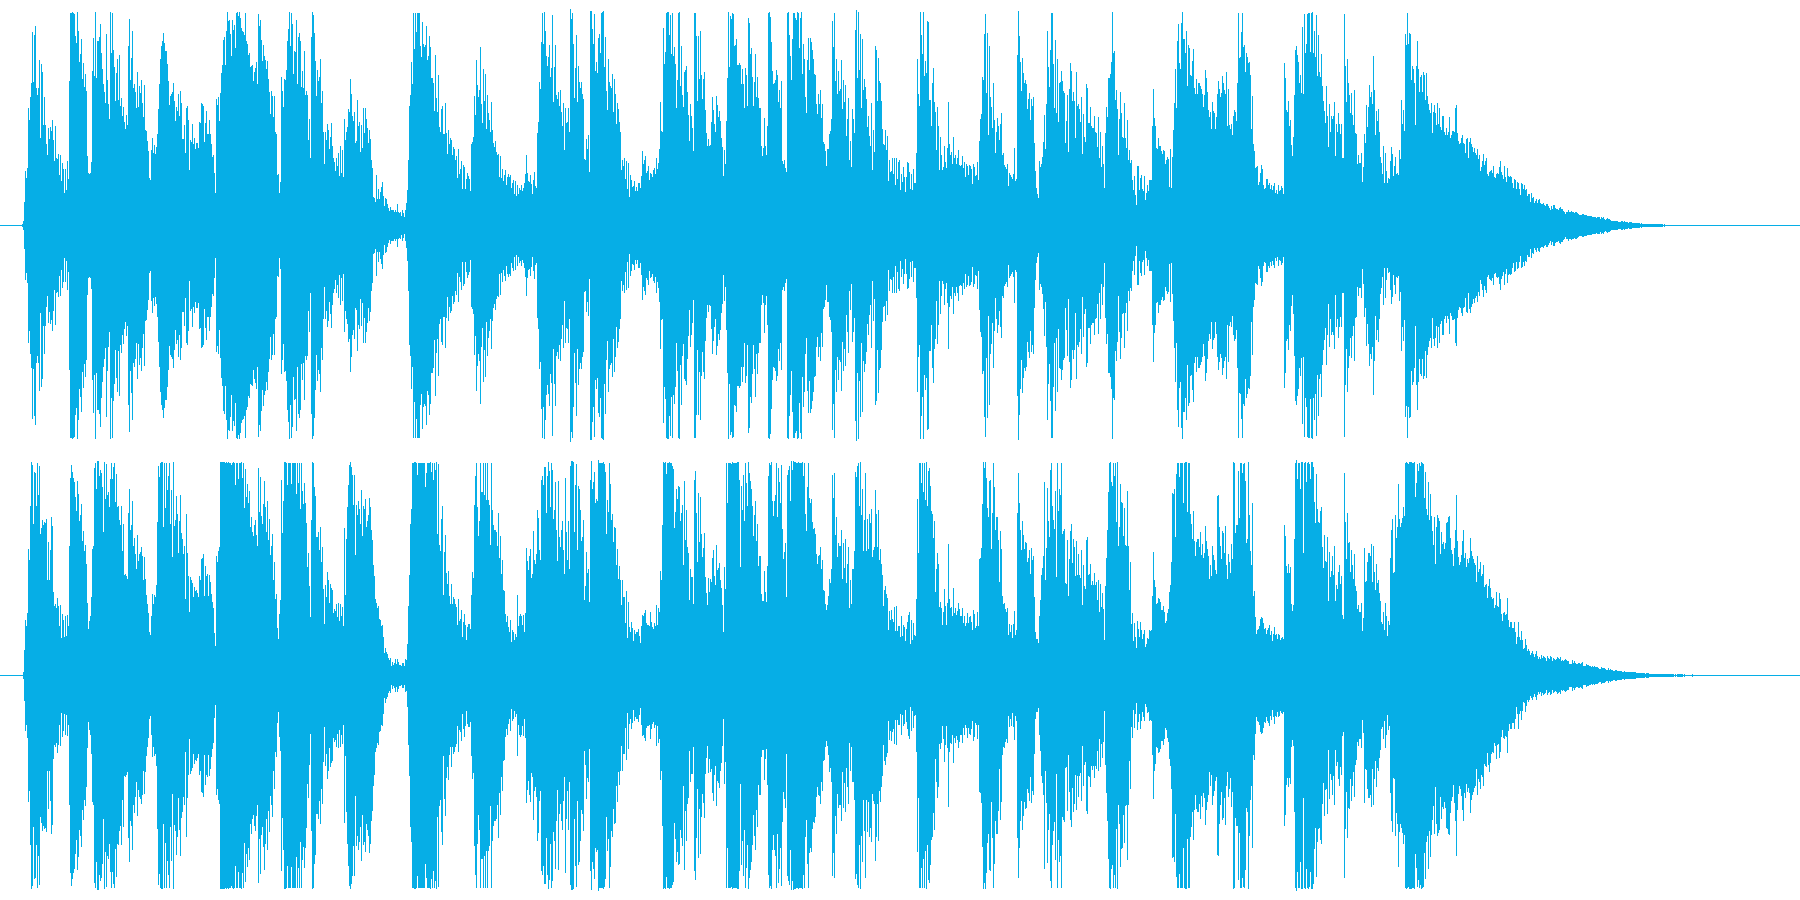 カントリージャズ 15秒サイズの再生済みの波形